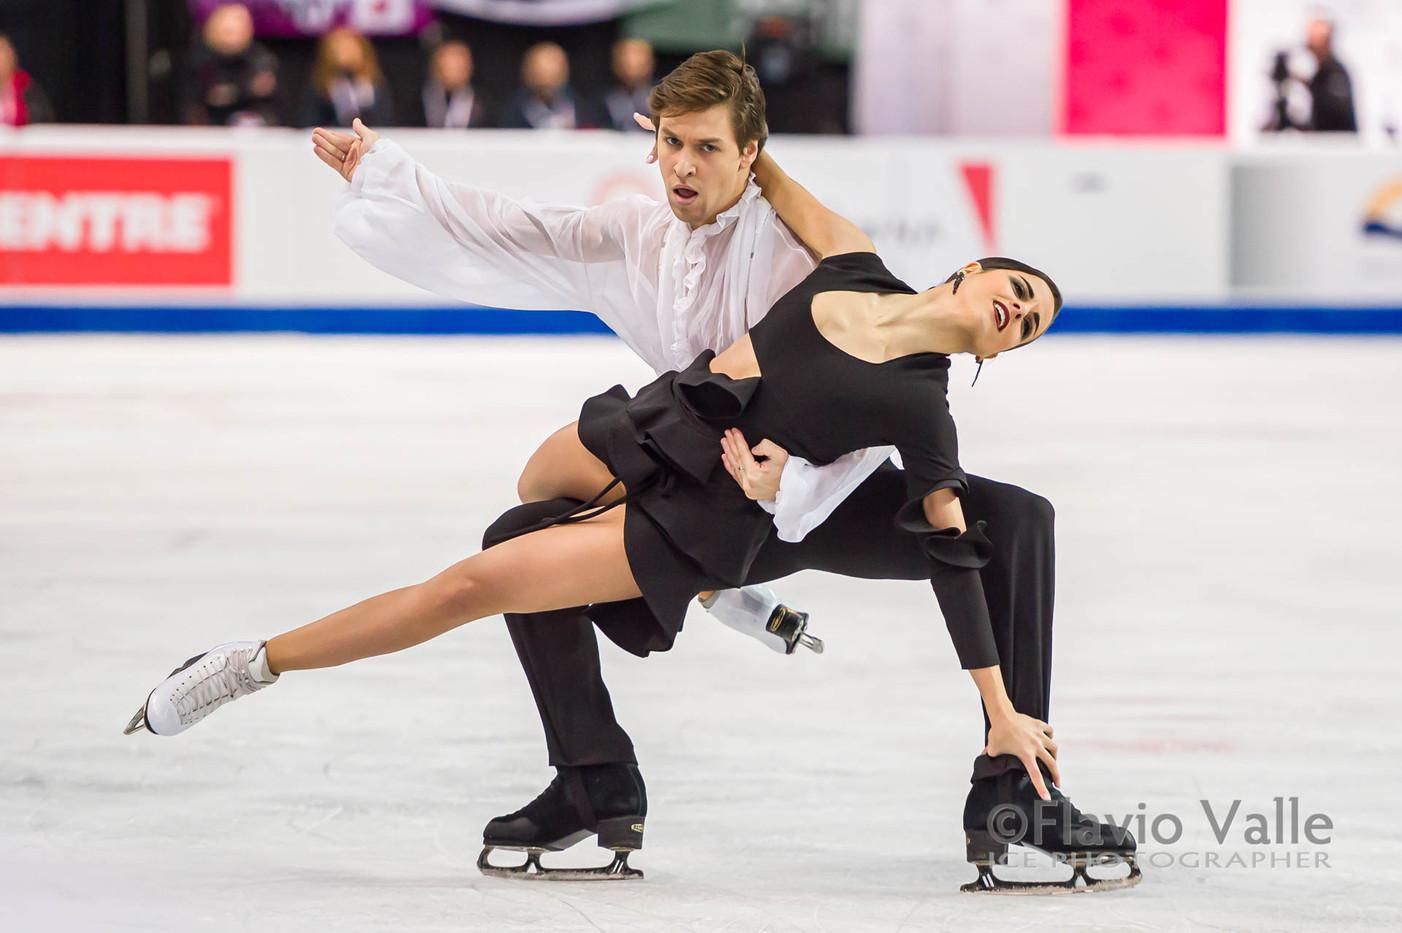 5th Sara HURTADO : Kirill KHALIAVIN3.jpg